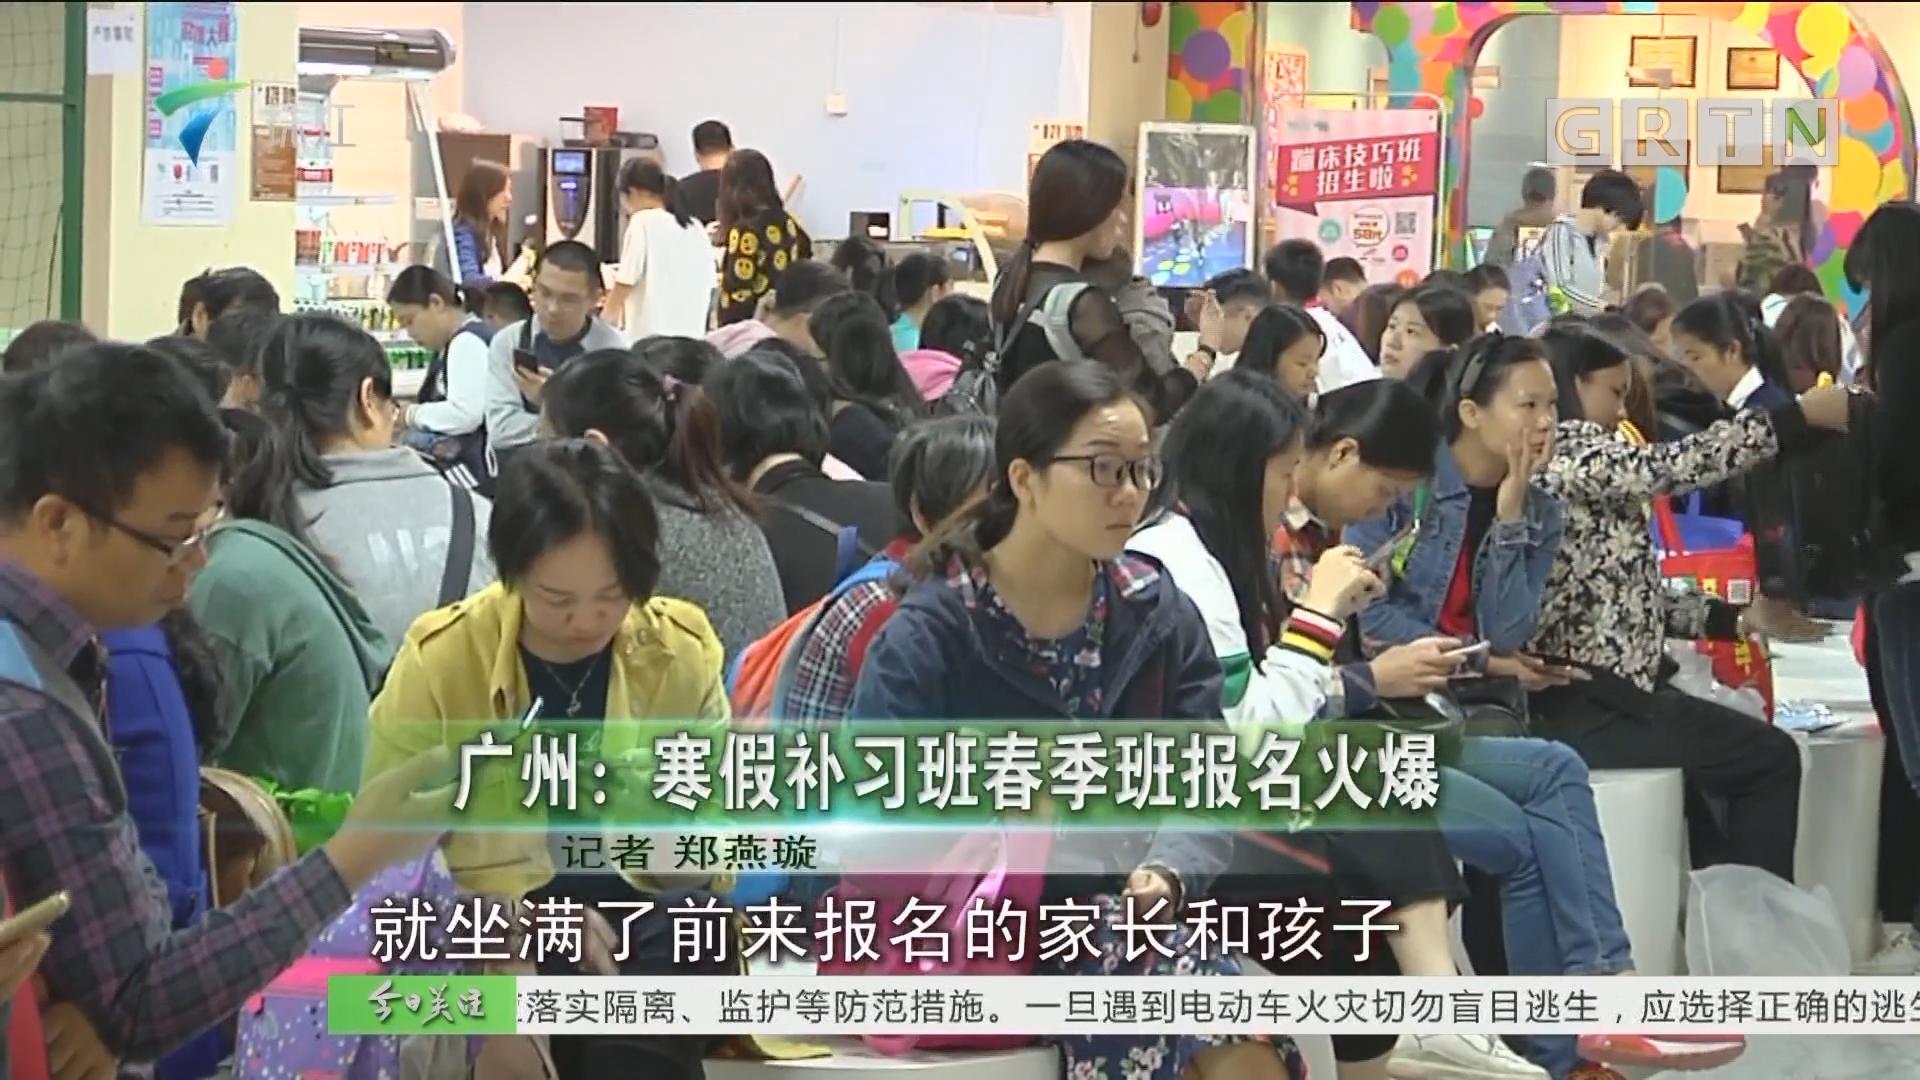 广州:寒假补习班春季报名火爆